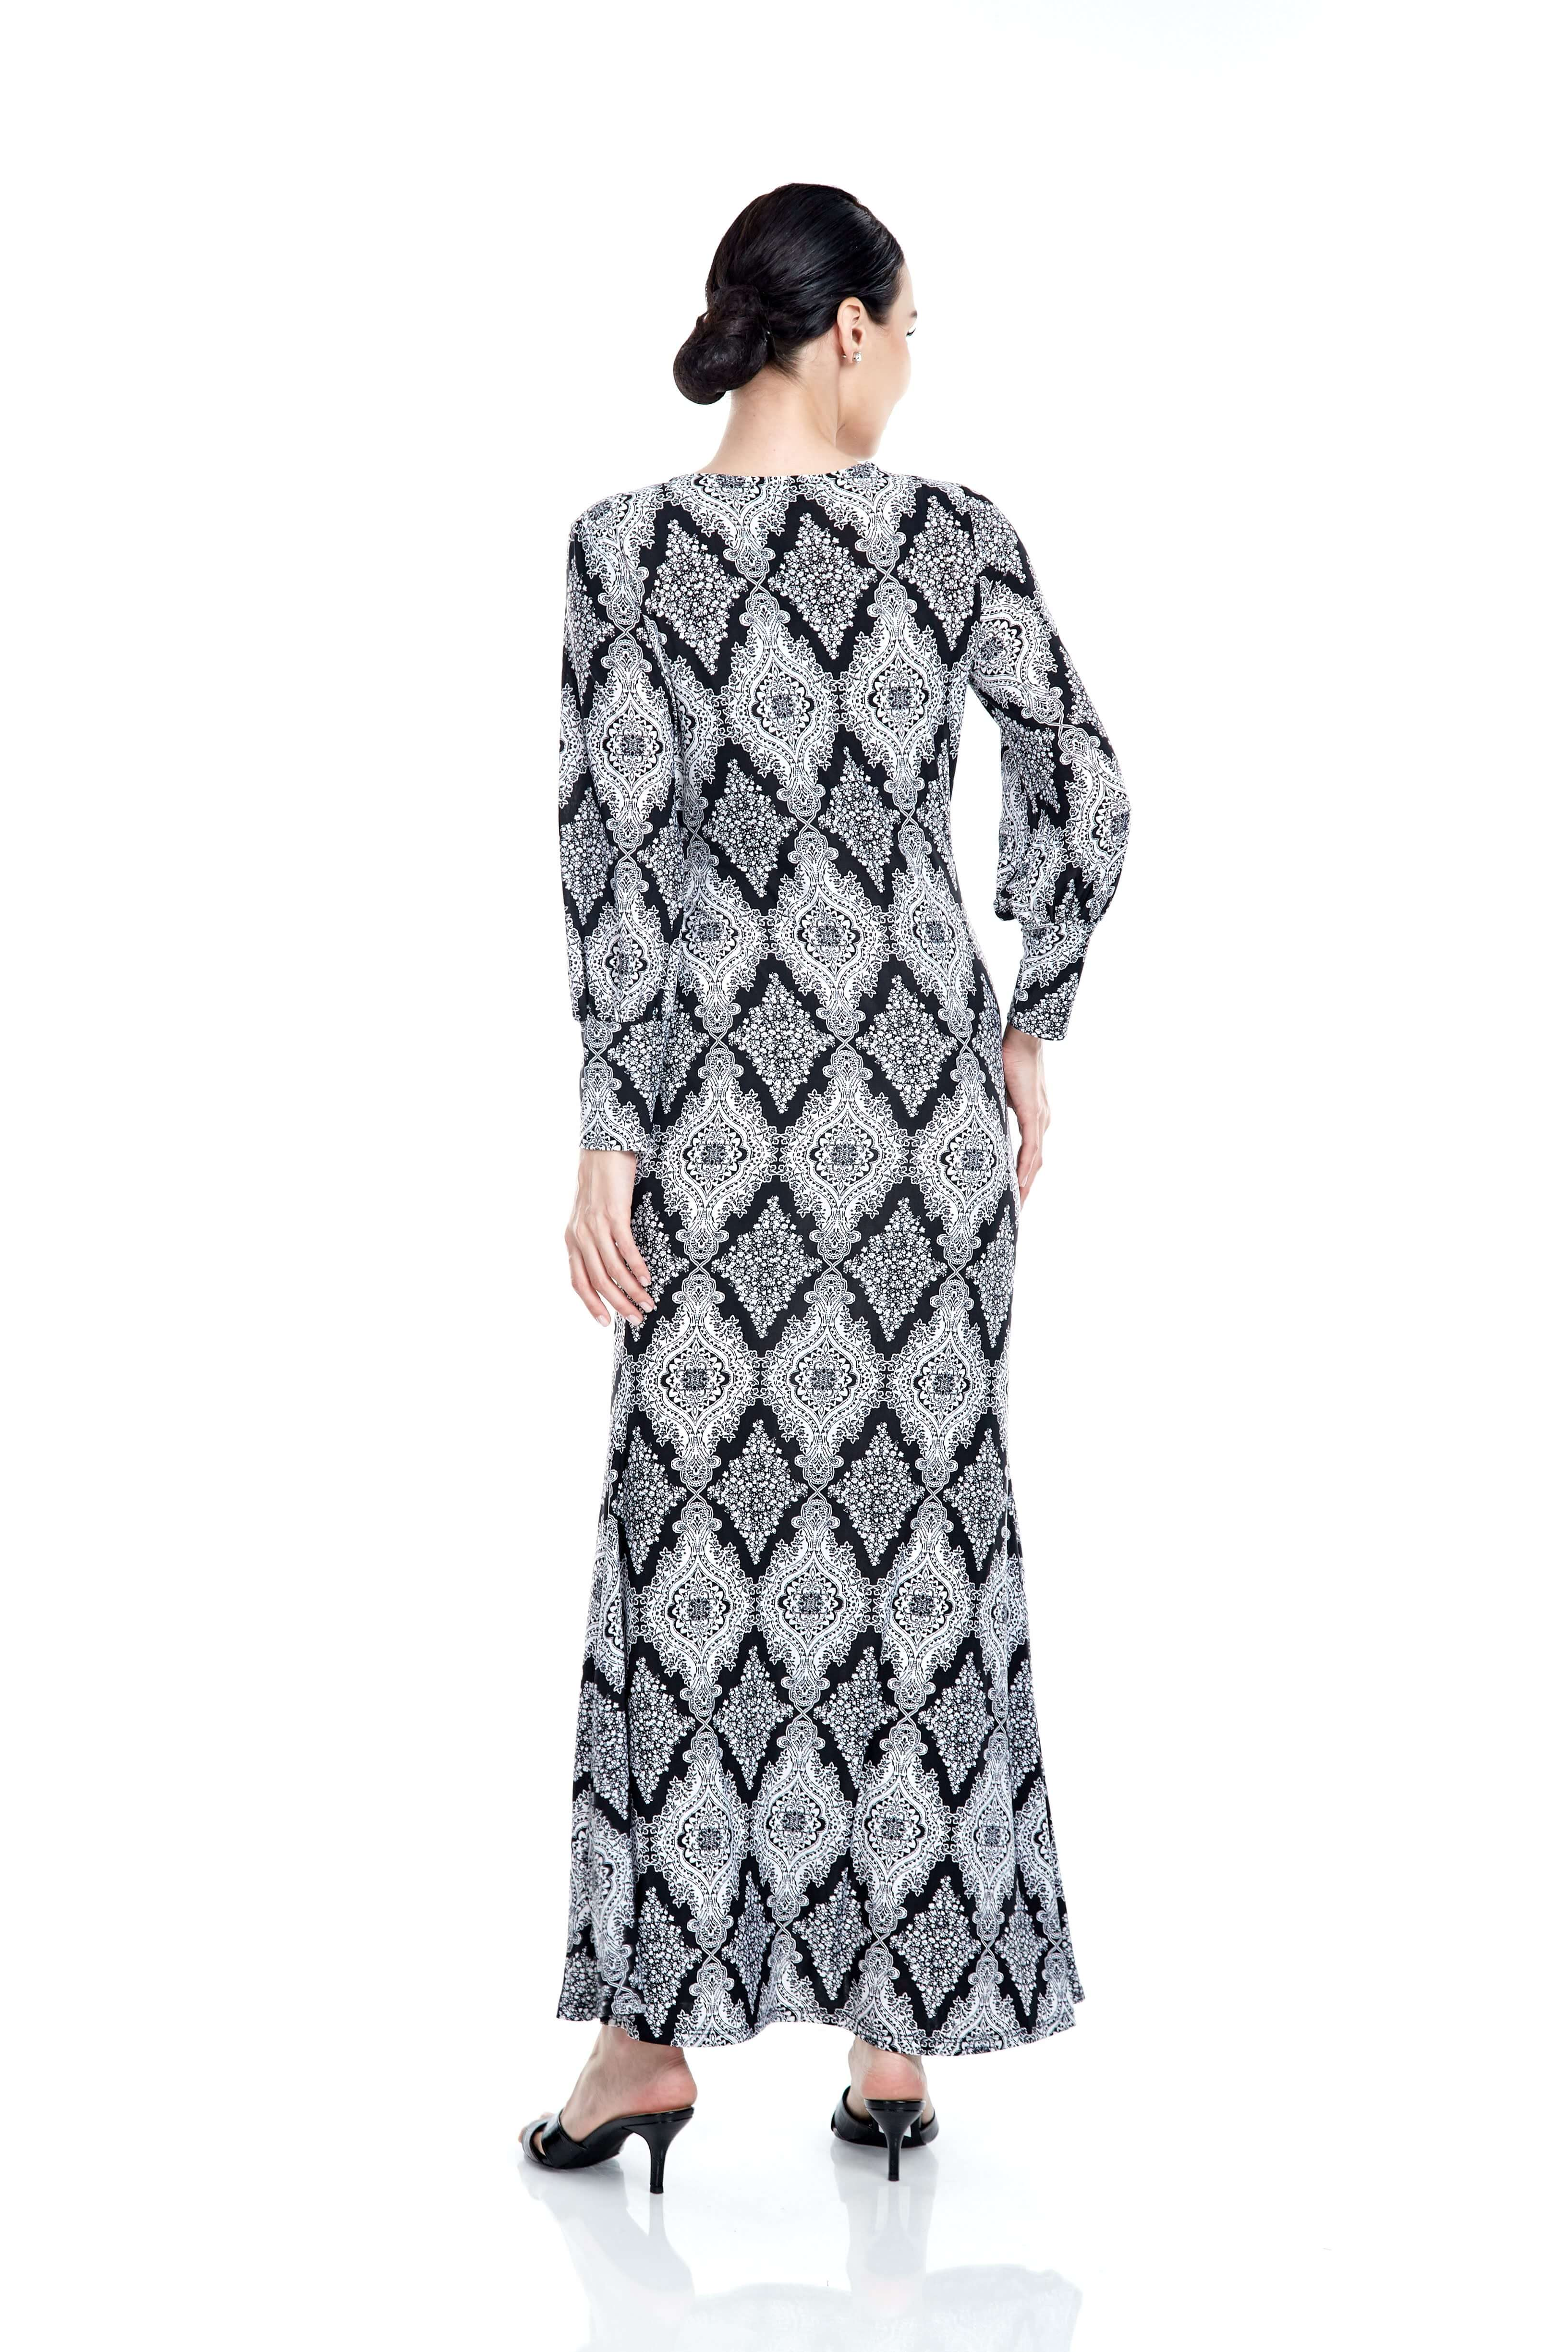 Elisa Black Printed Dress 1